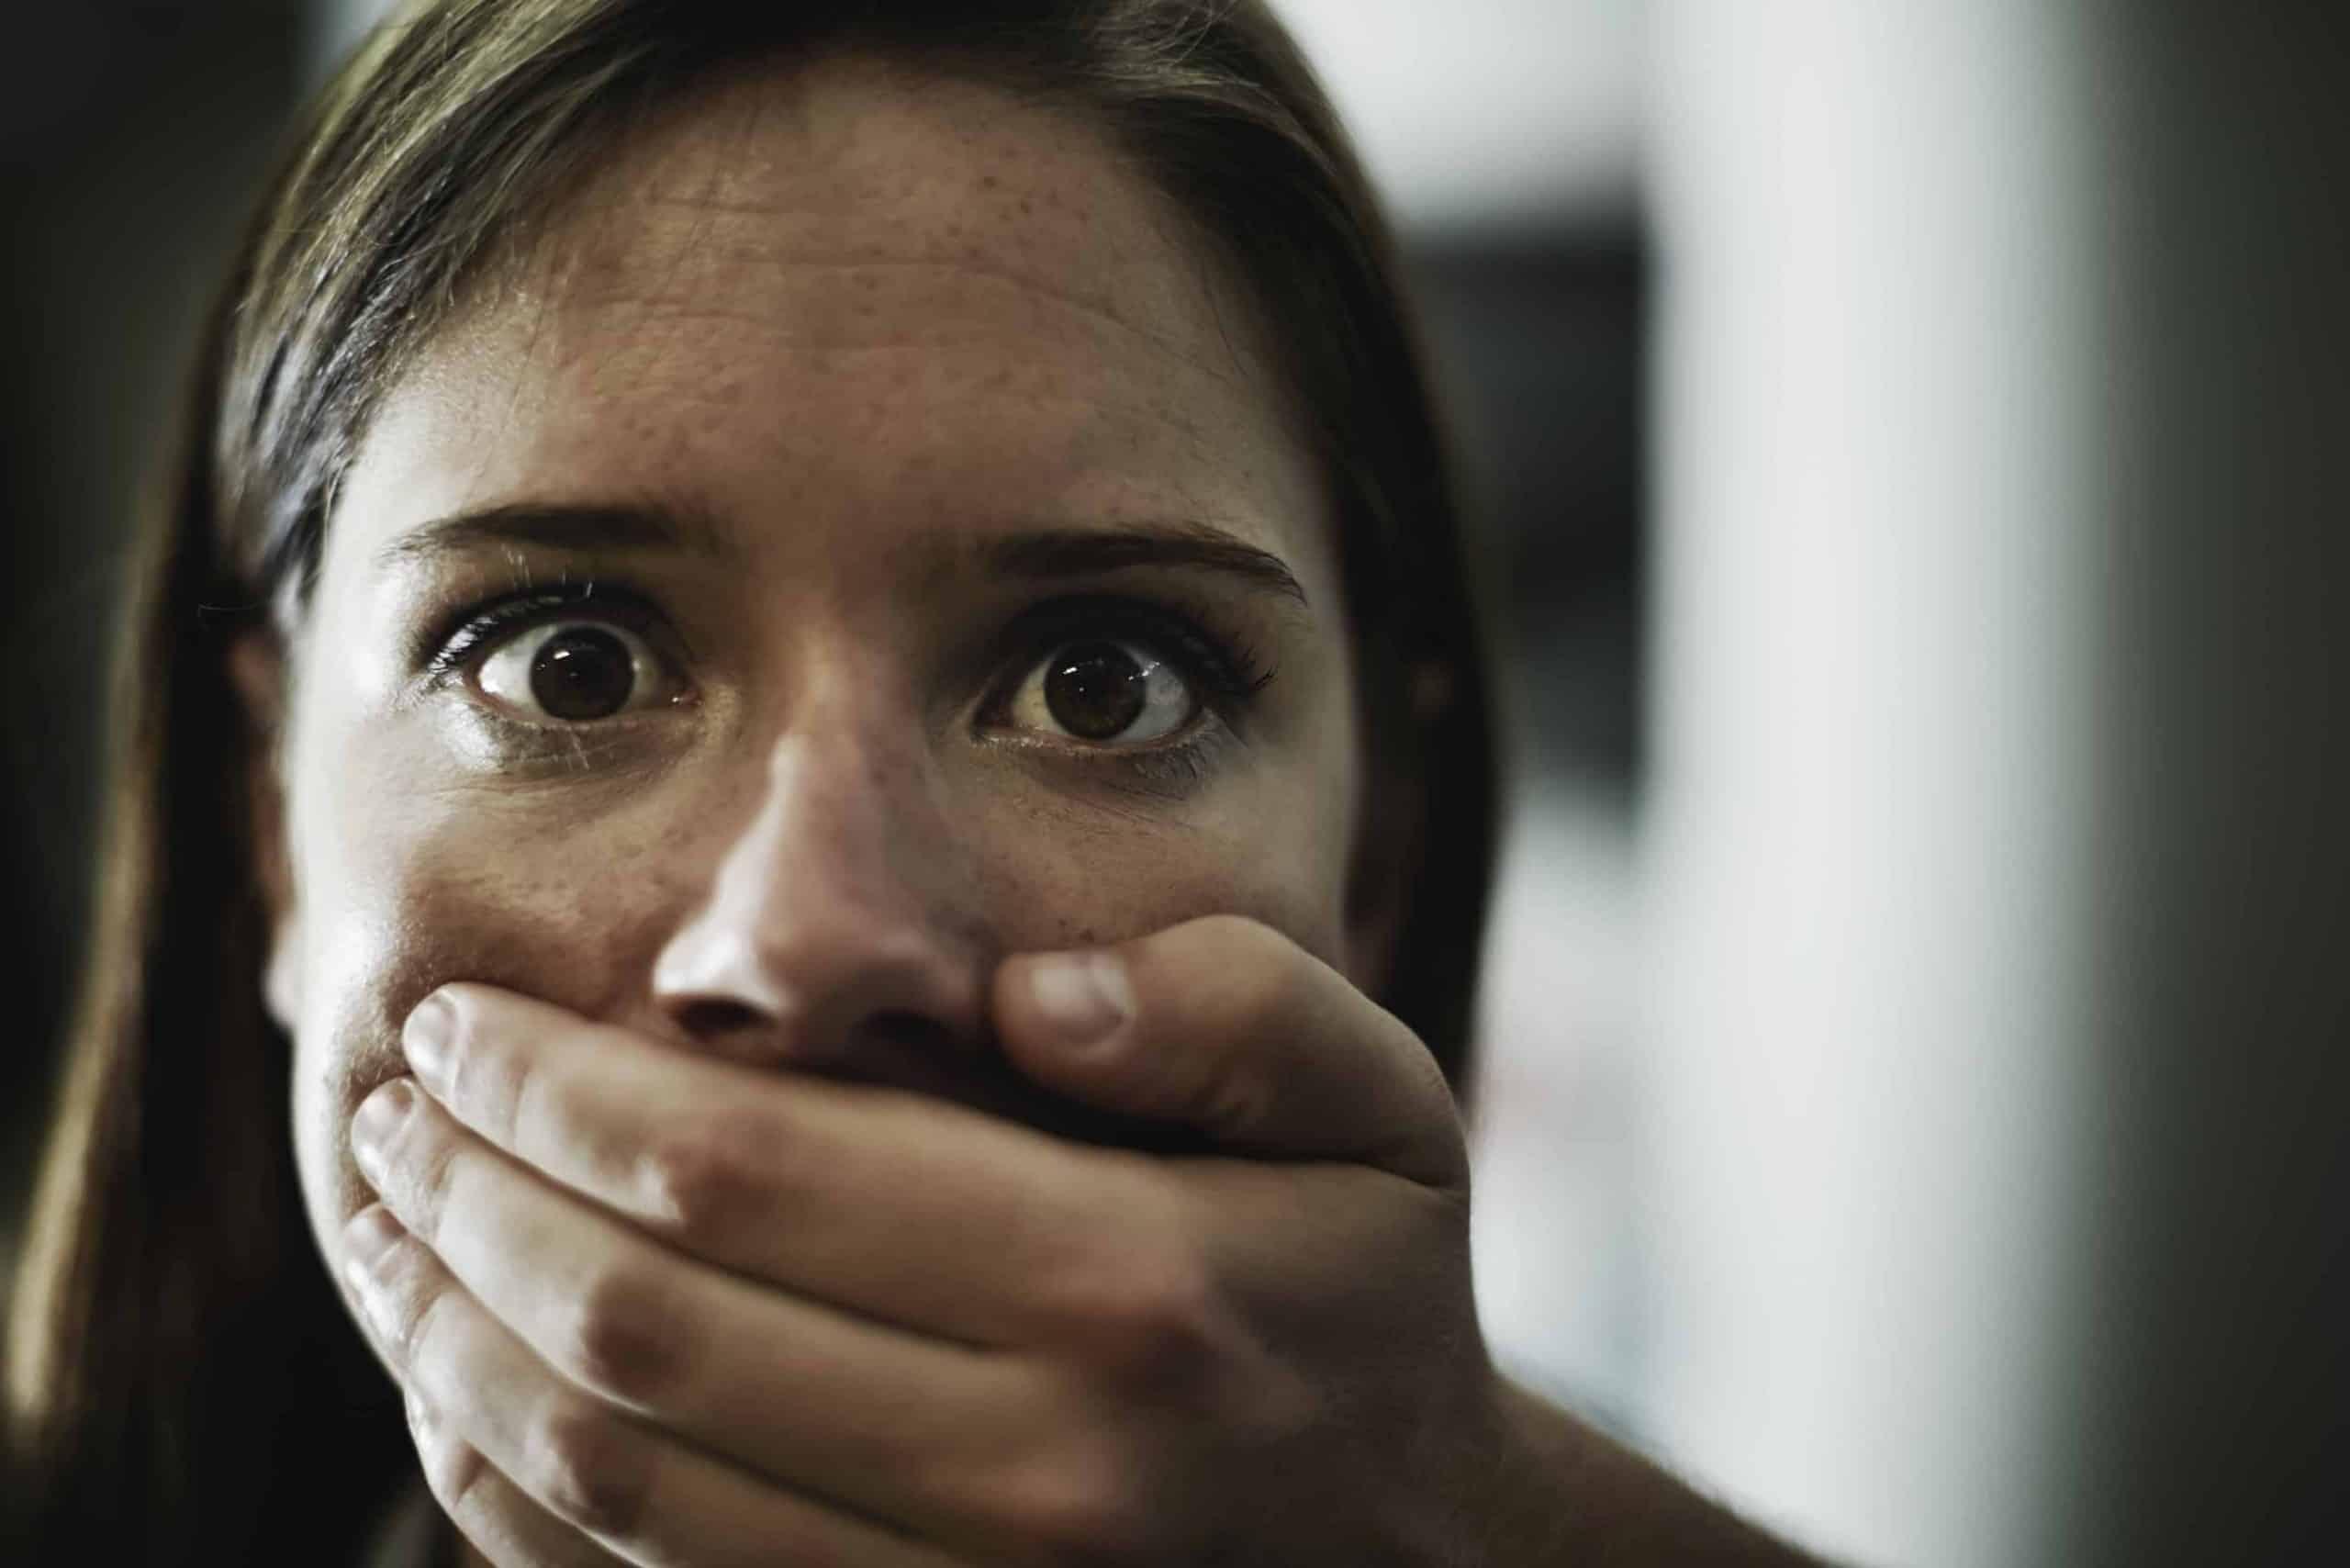 Sequestros - Relembre os casos que mais repercutiram na mídia